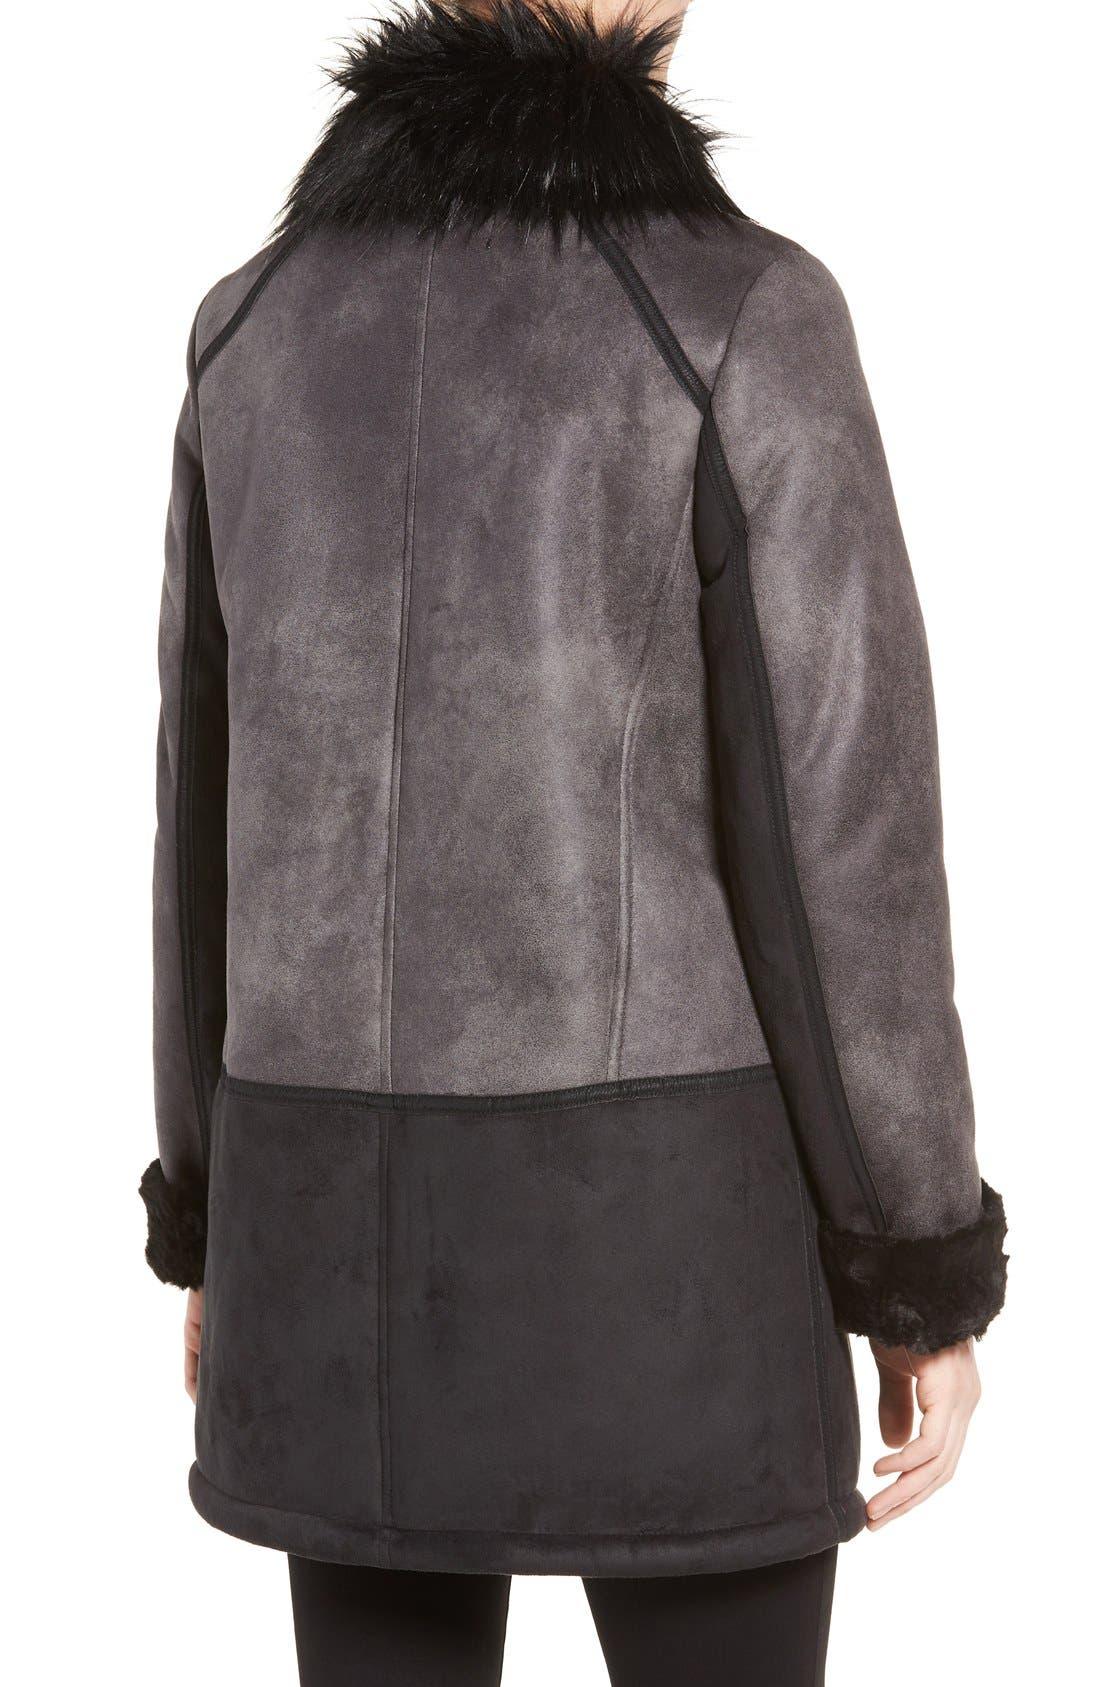 Alternate Image 2  - Tahari Faux Shearling Coat with Faux Fur Trim